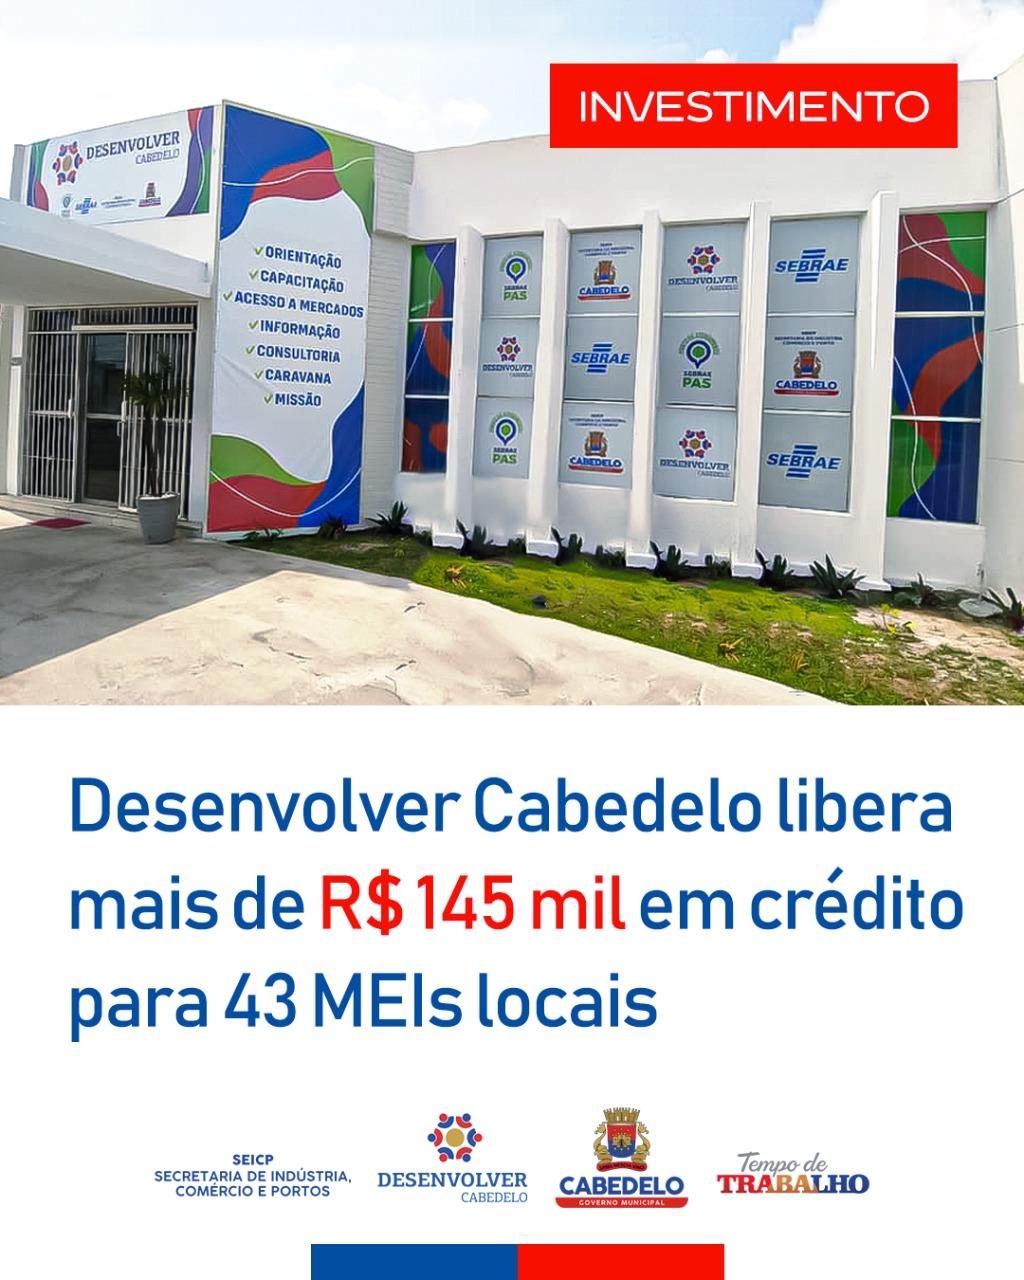 Desenvolver Cabedelo libera mais de R$ 145 mil em crédito para 43 MEIs locais